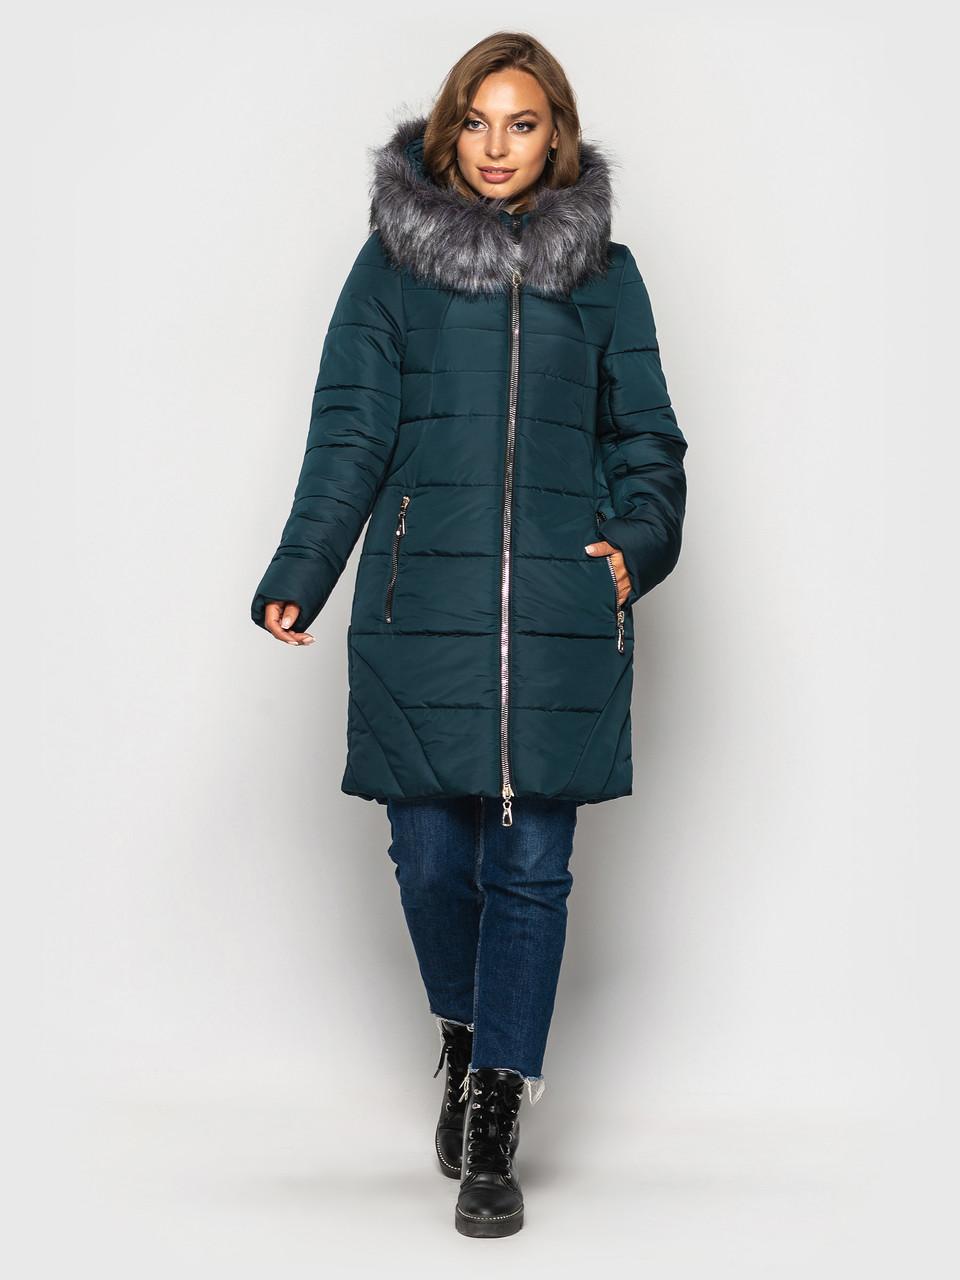 Зимняя куртка больших размеров К 0077 с 03